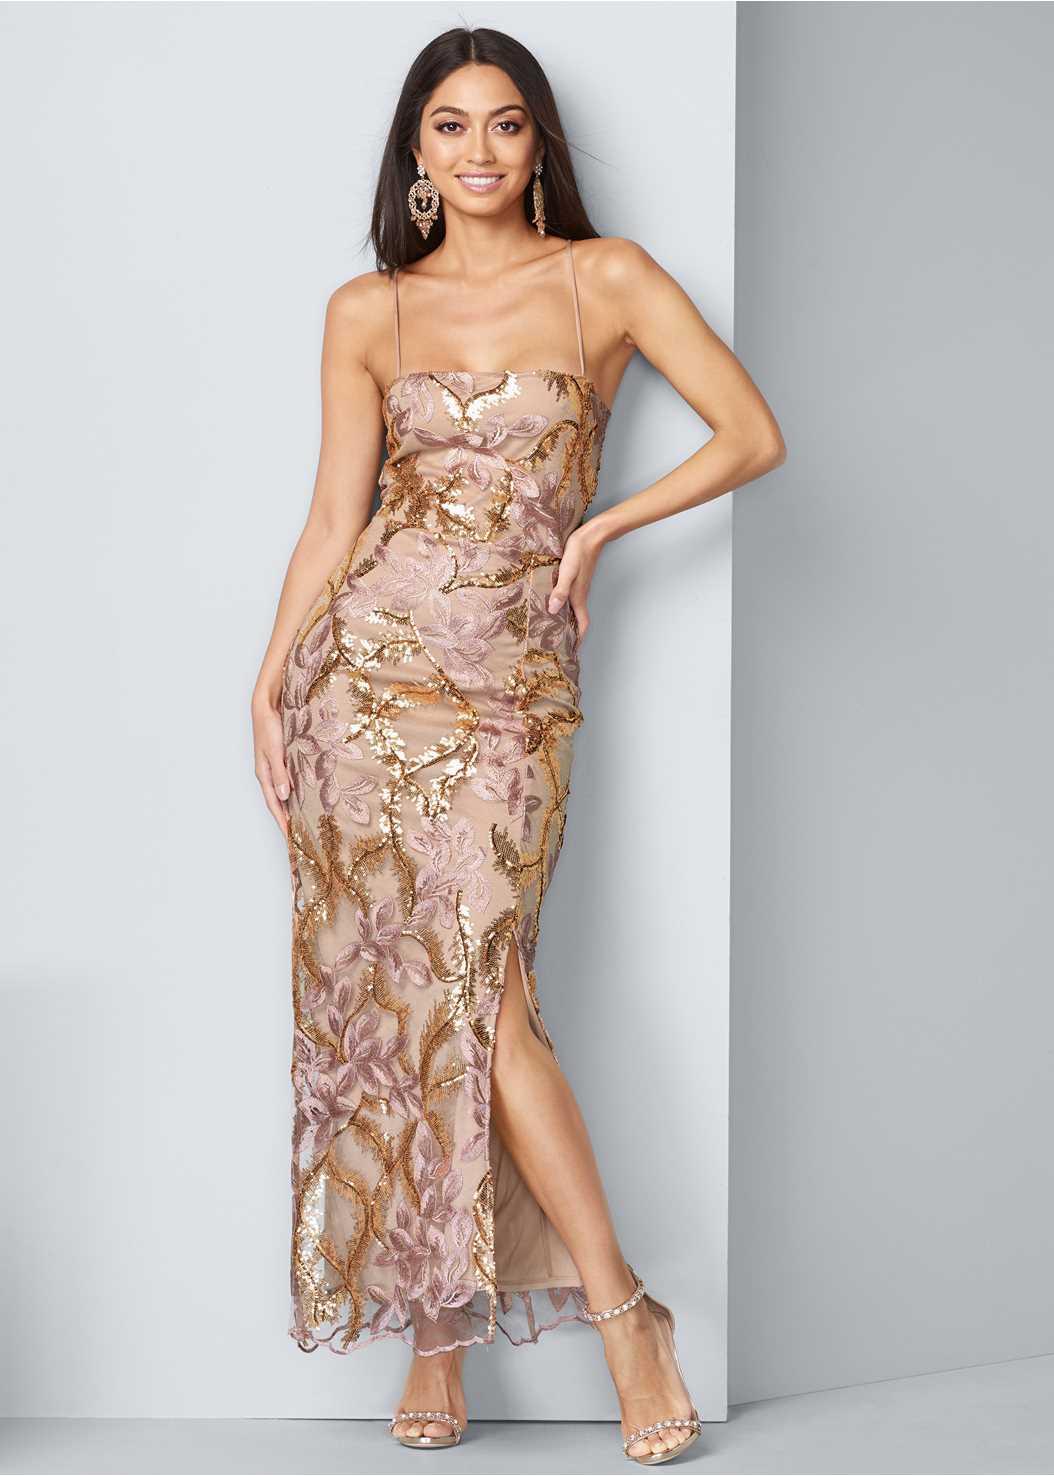 Sequin Floral Gown,Embellished Heels